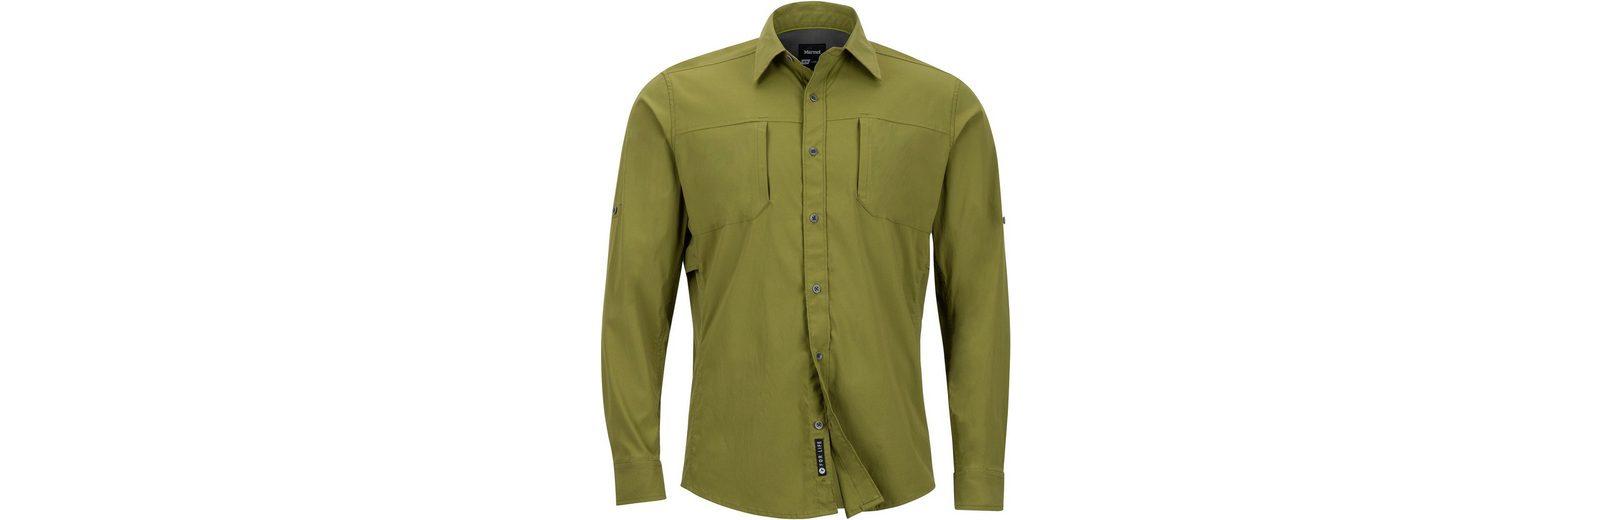 Marmot Hemd Trient LS Shirt Men Outlet-Store Zum Verkauf Billige Breite Palette Von No5aCEOn